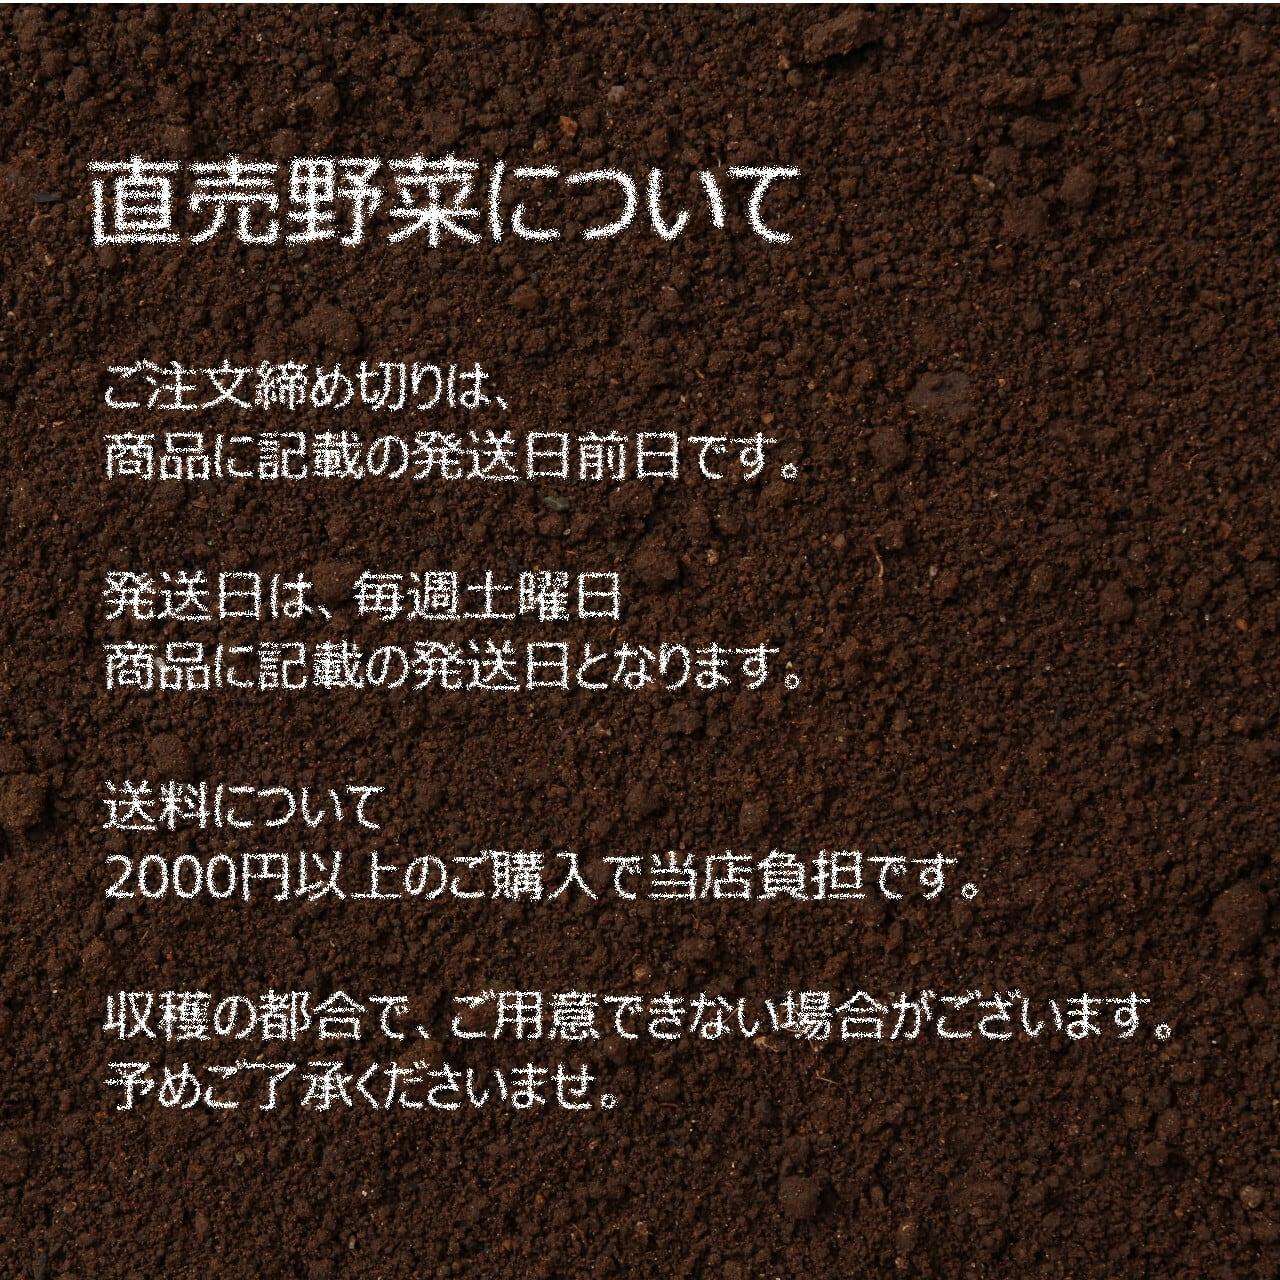 新鮮な夏野菜 : トマト 約400g 8月の朝採り直売野菜 8月29日発送予定